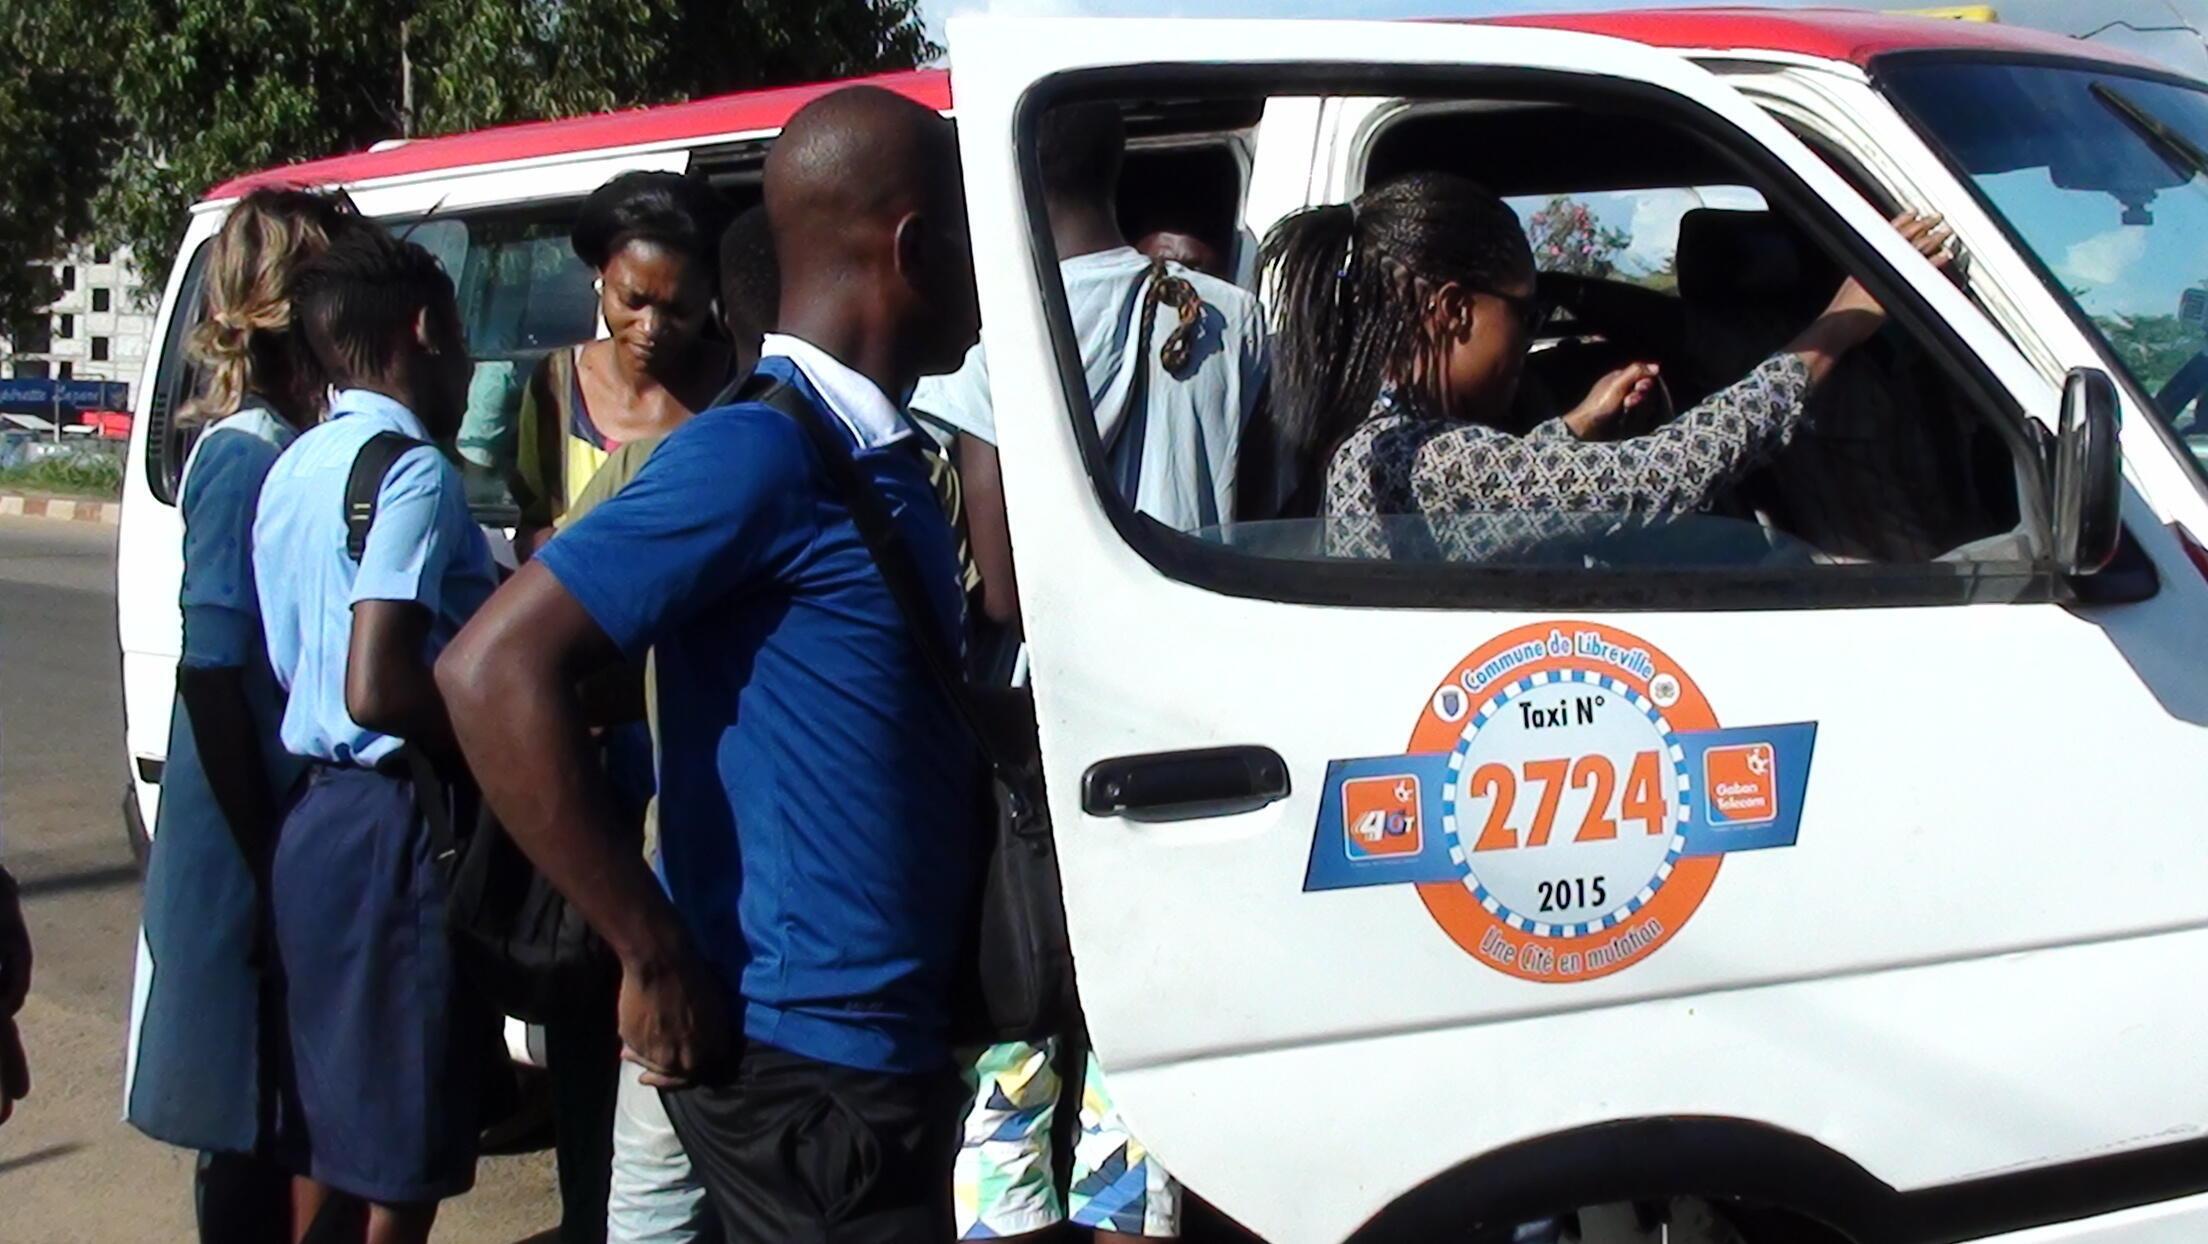 Notre Observateur gabonais estime qu'il passe en moyenne deux heures dans les transports chaque jour pour un trajet qui devrait lui prendre 20 minutes. Photo Boursier Tchibanda.